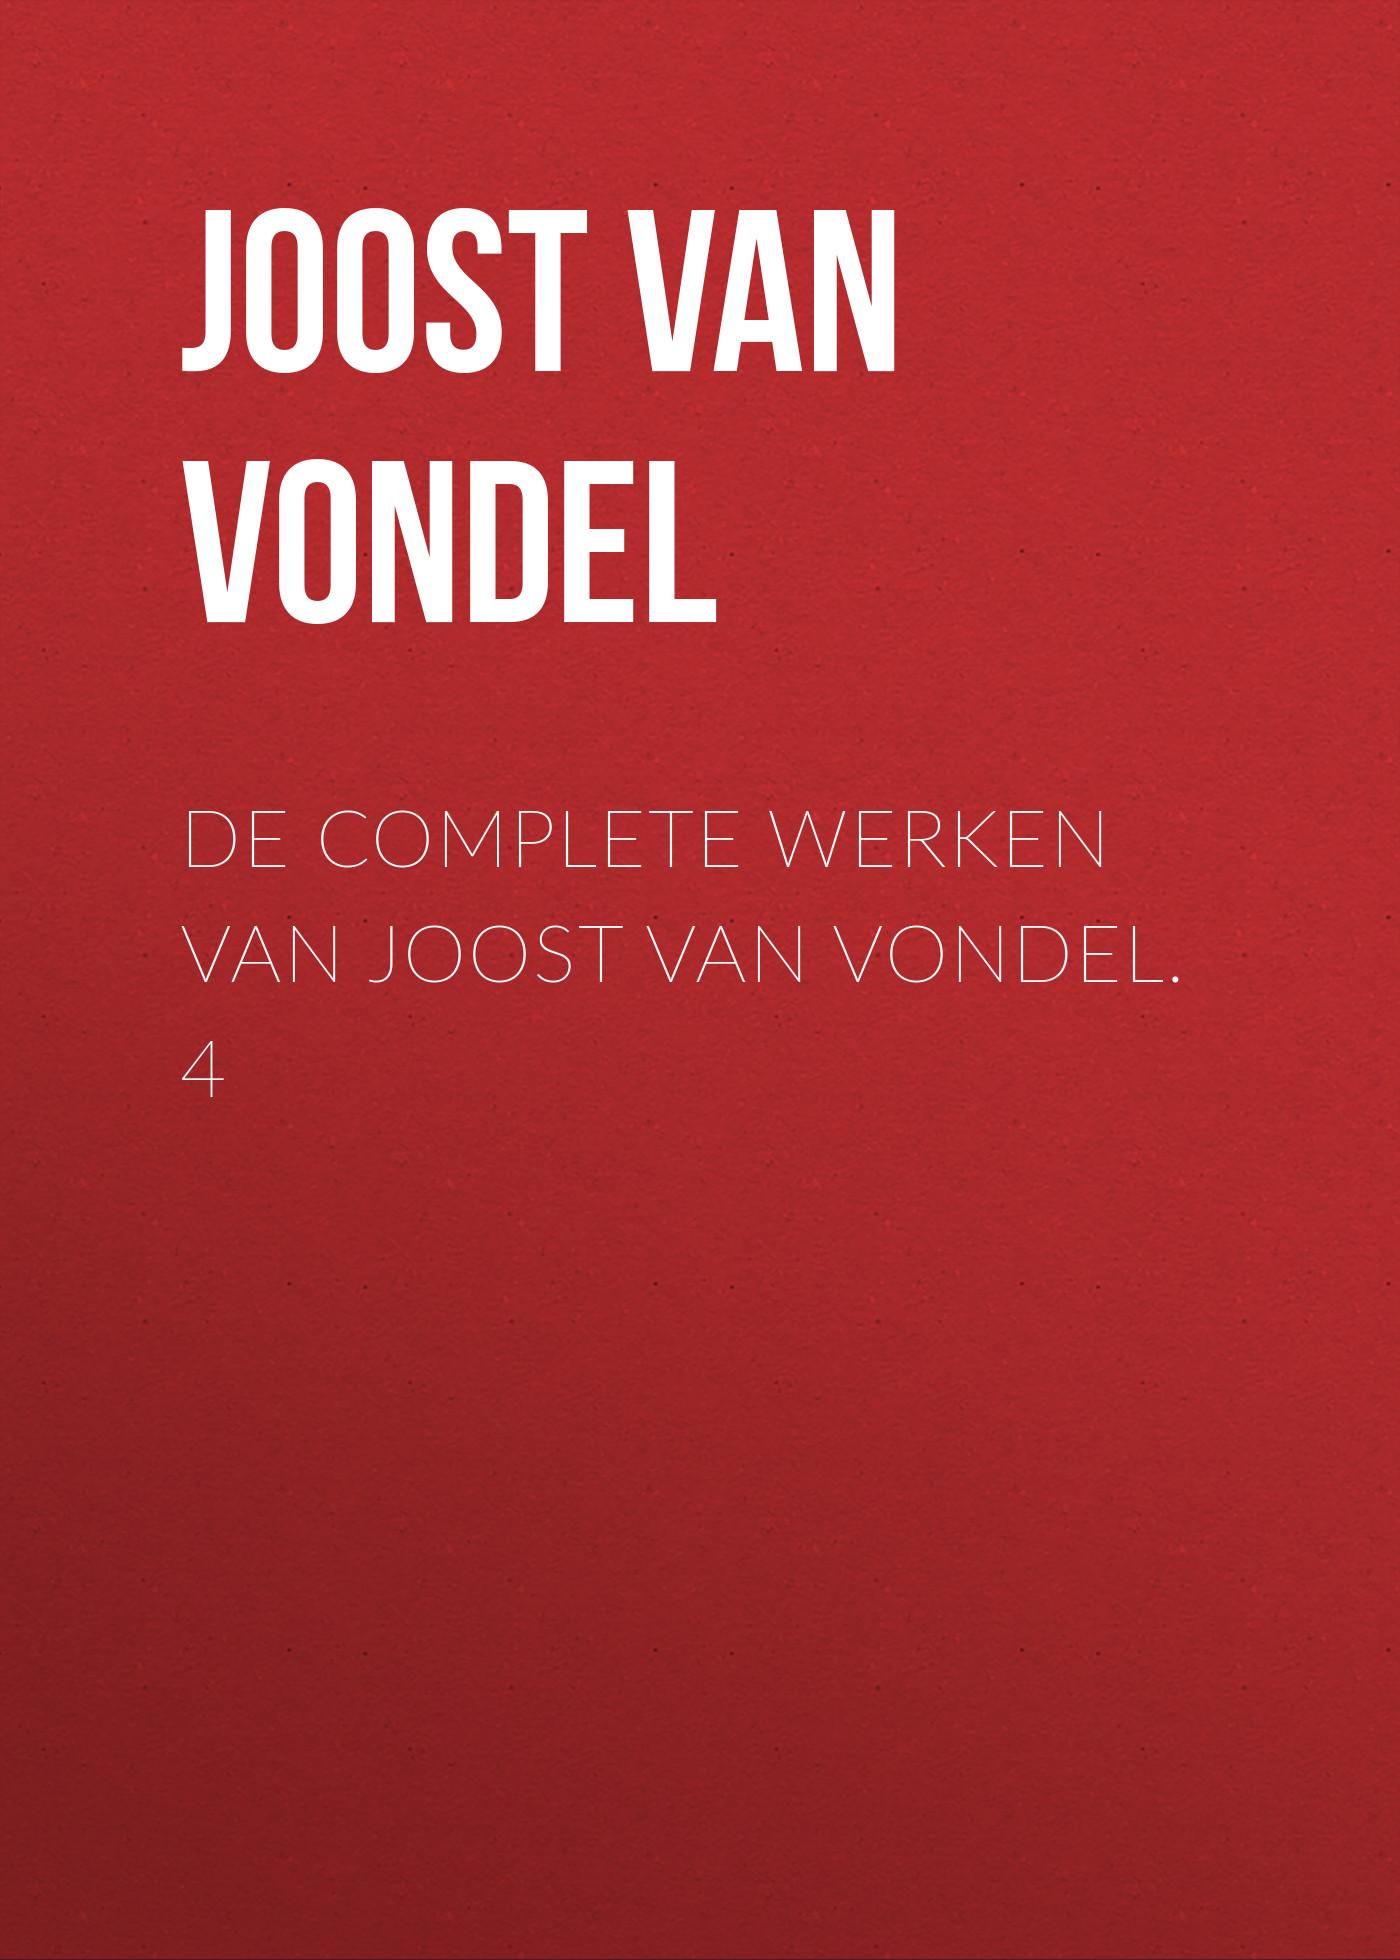 лучшая цена Joost van den Vondel De complete werken van Joost van Vondel. 4